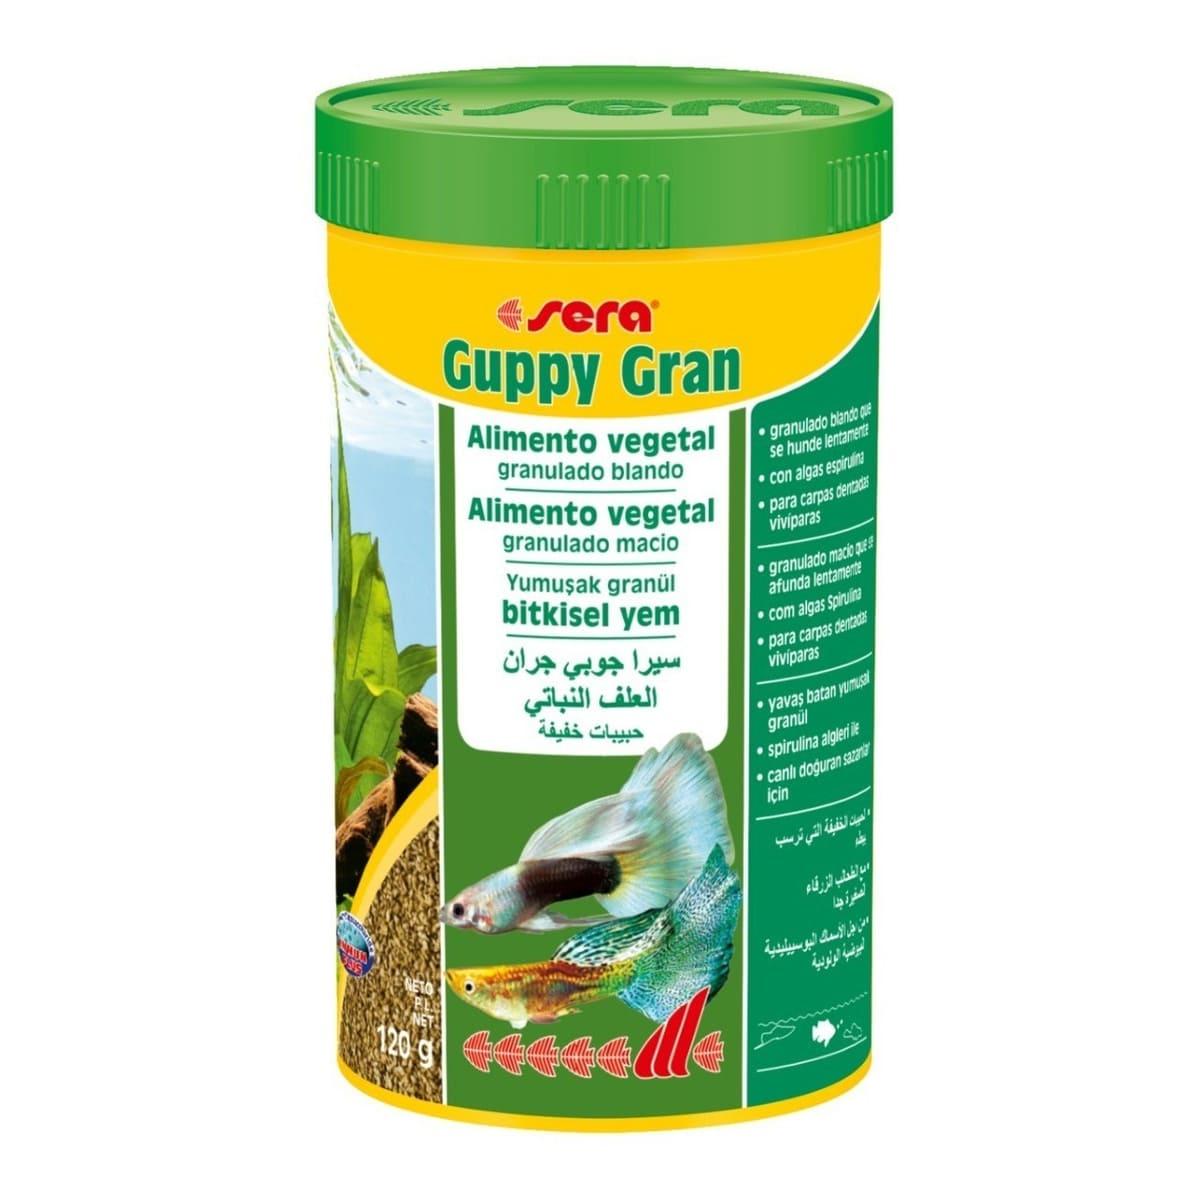 RAÇÃO PARA LEBISTES SERA GUPPY GRAN 120G - Premium Food